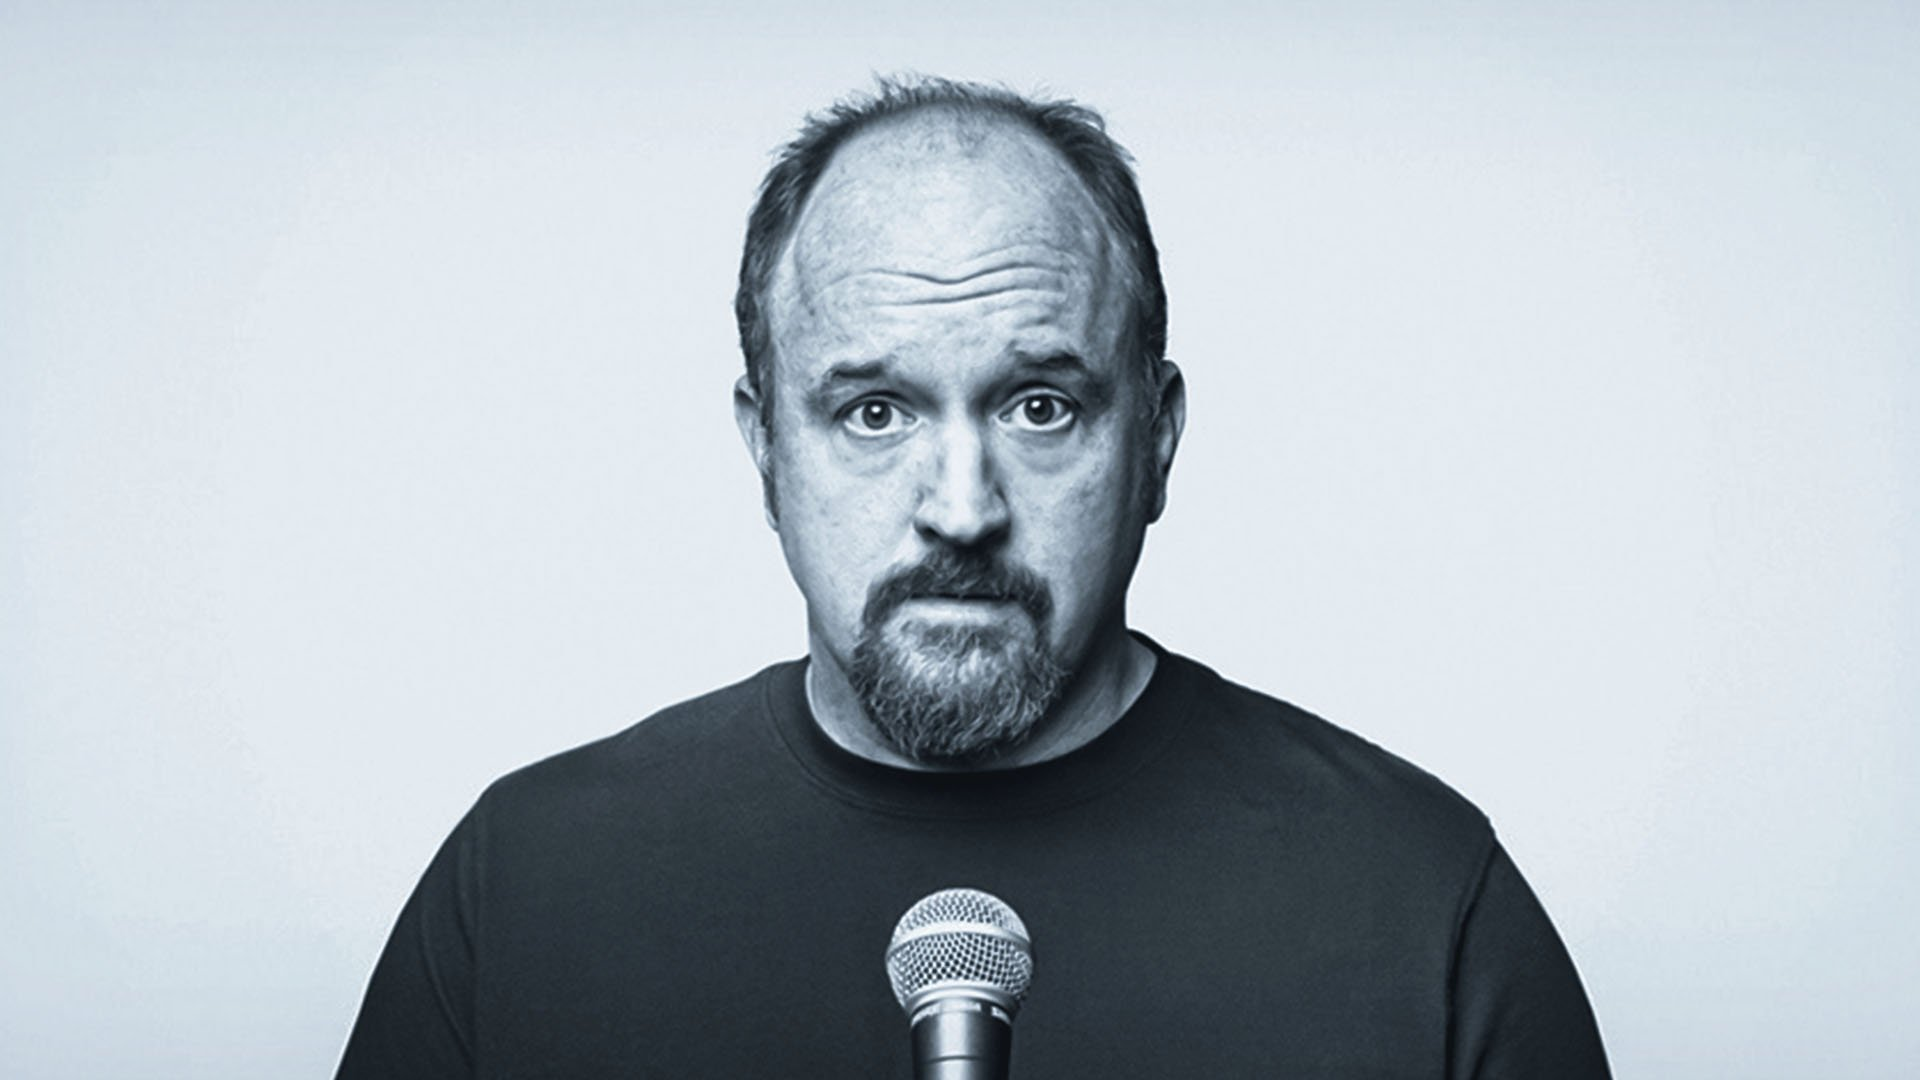 Una nuova generazione di comici italiani si è affiancata ai grandi standup comedian americani su Netflix